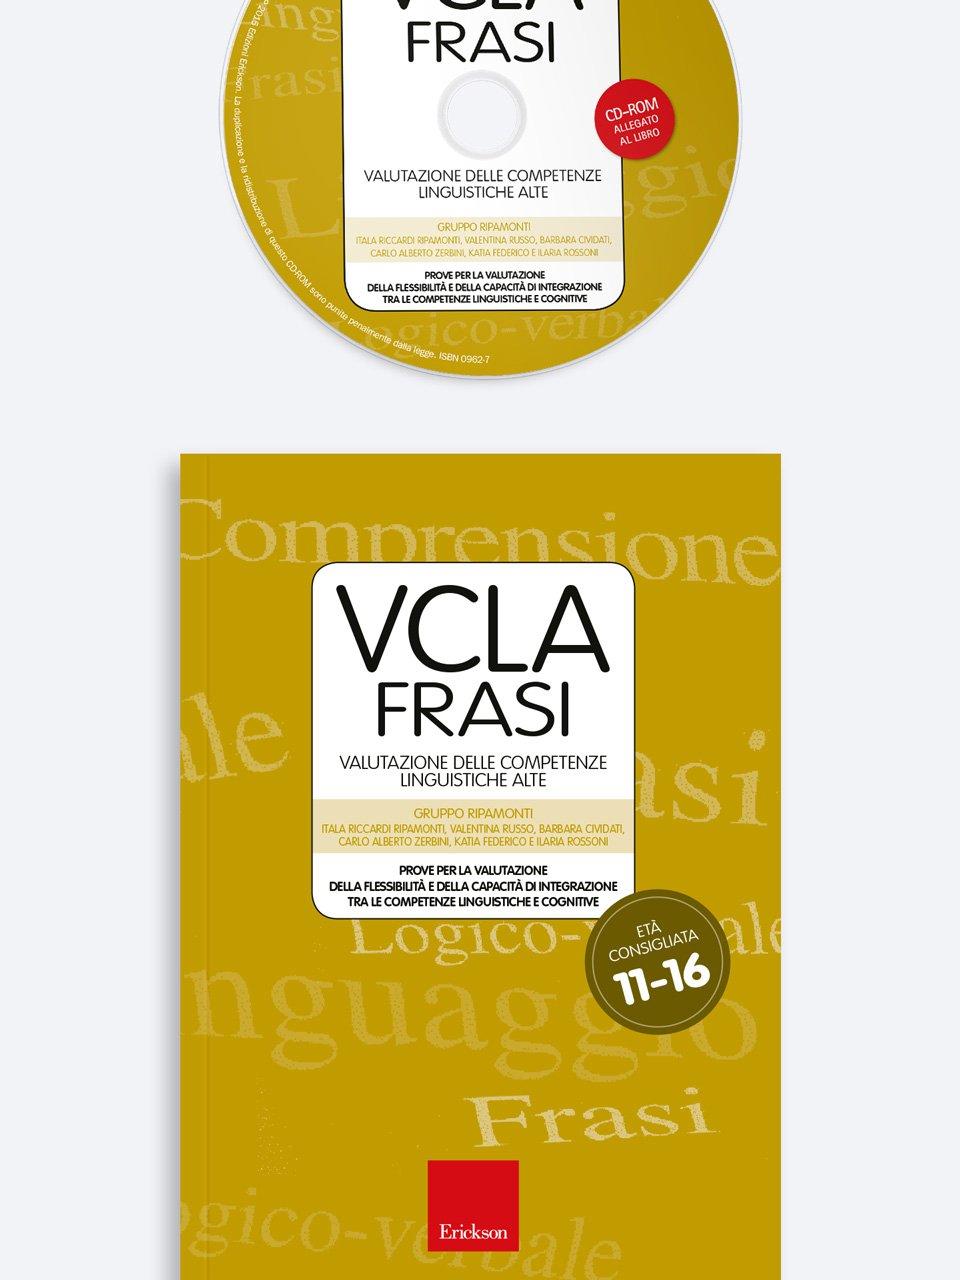 Test VCLA - FRASI Valutazione delle Competenze Linguistiche Alte - Comprensione del testo - Erickson